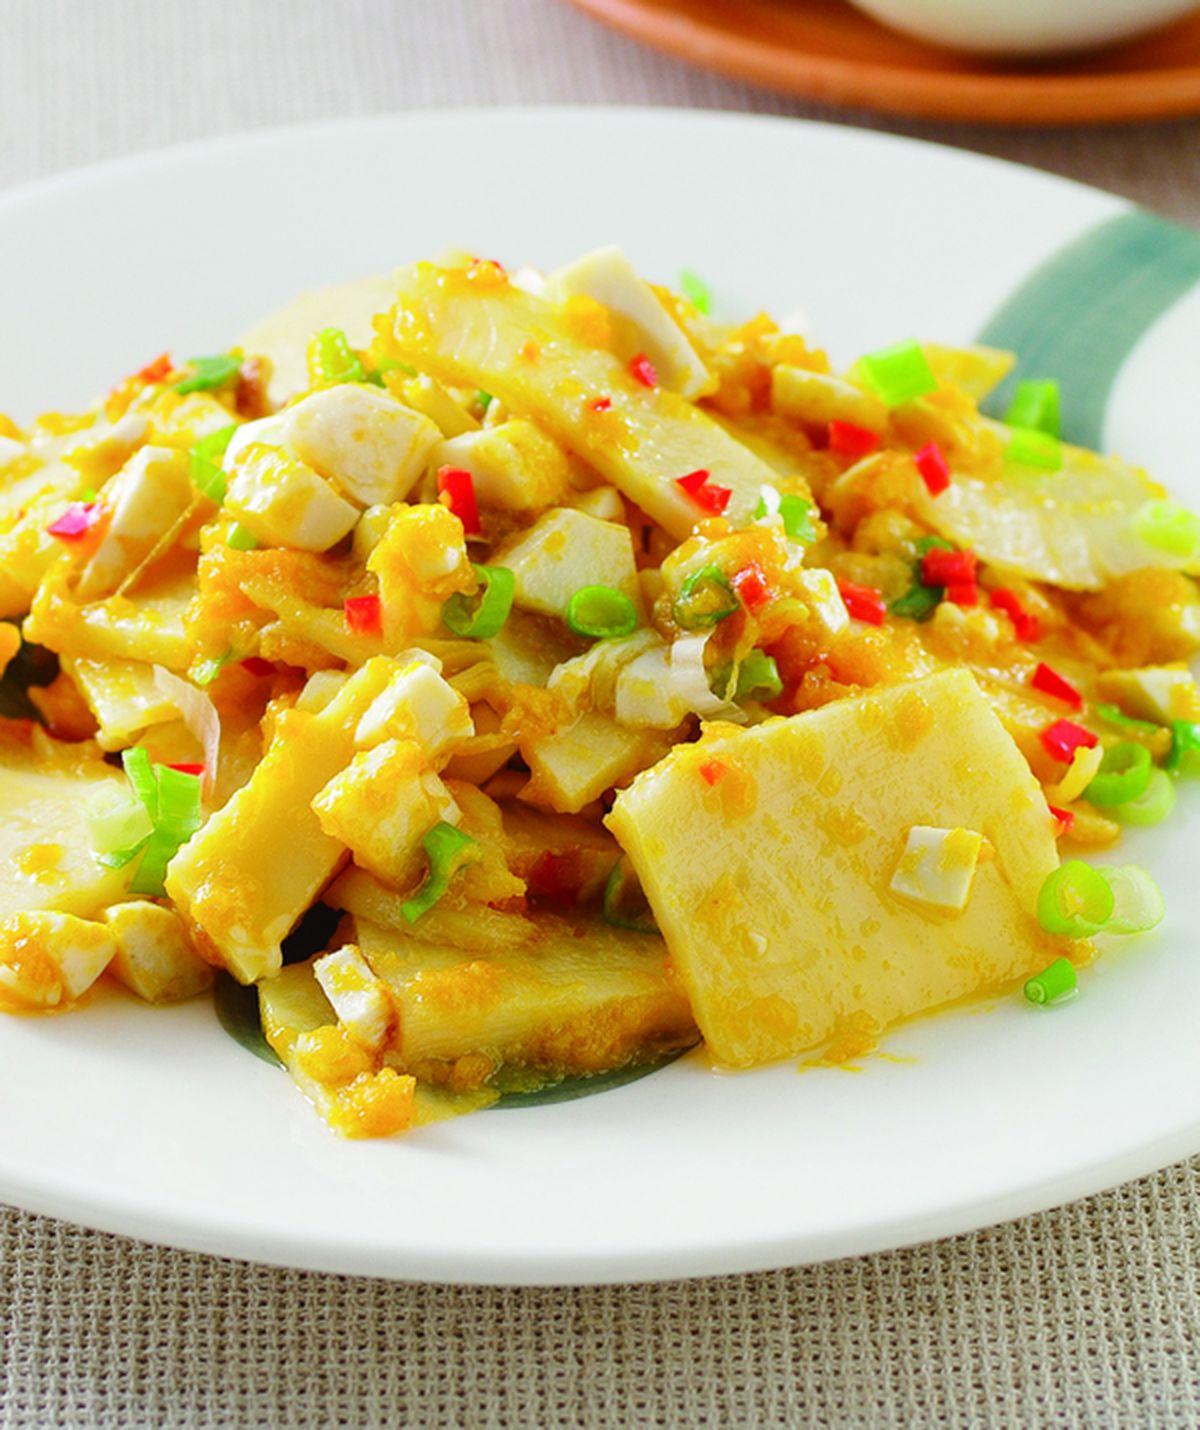 食譜:黃金蛋炒筍片